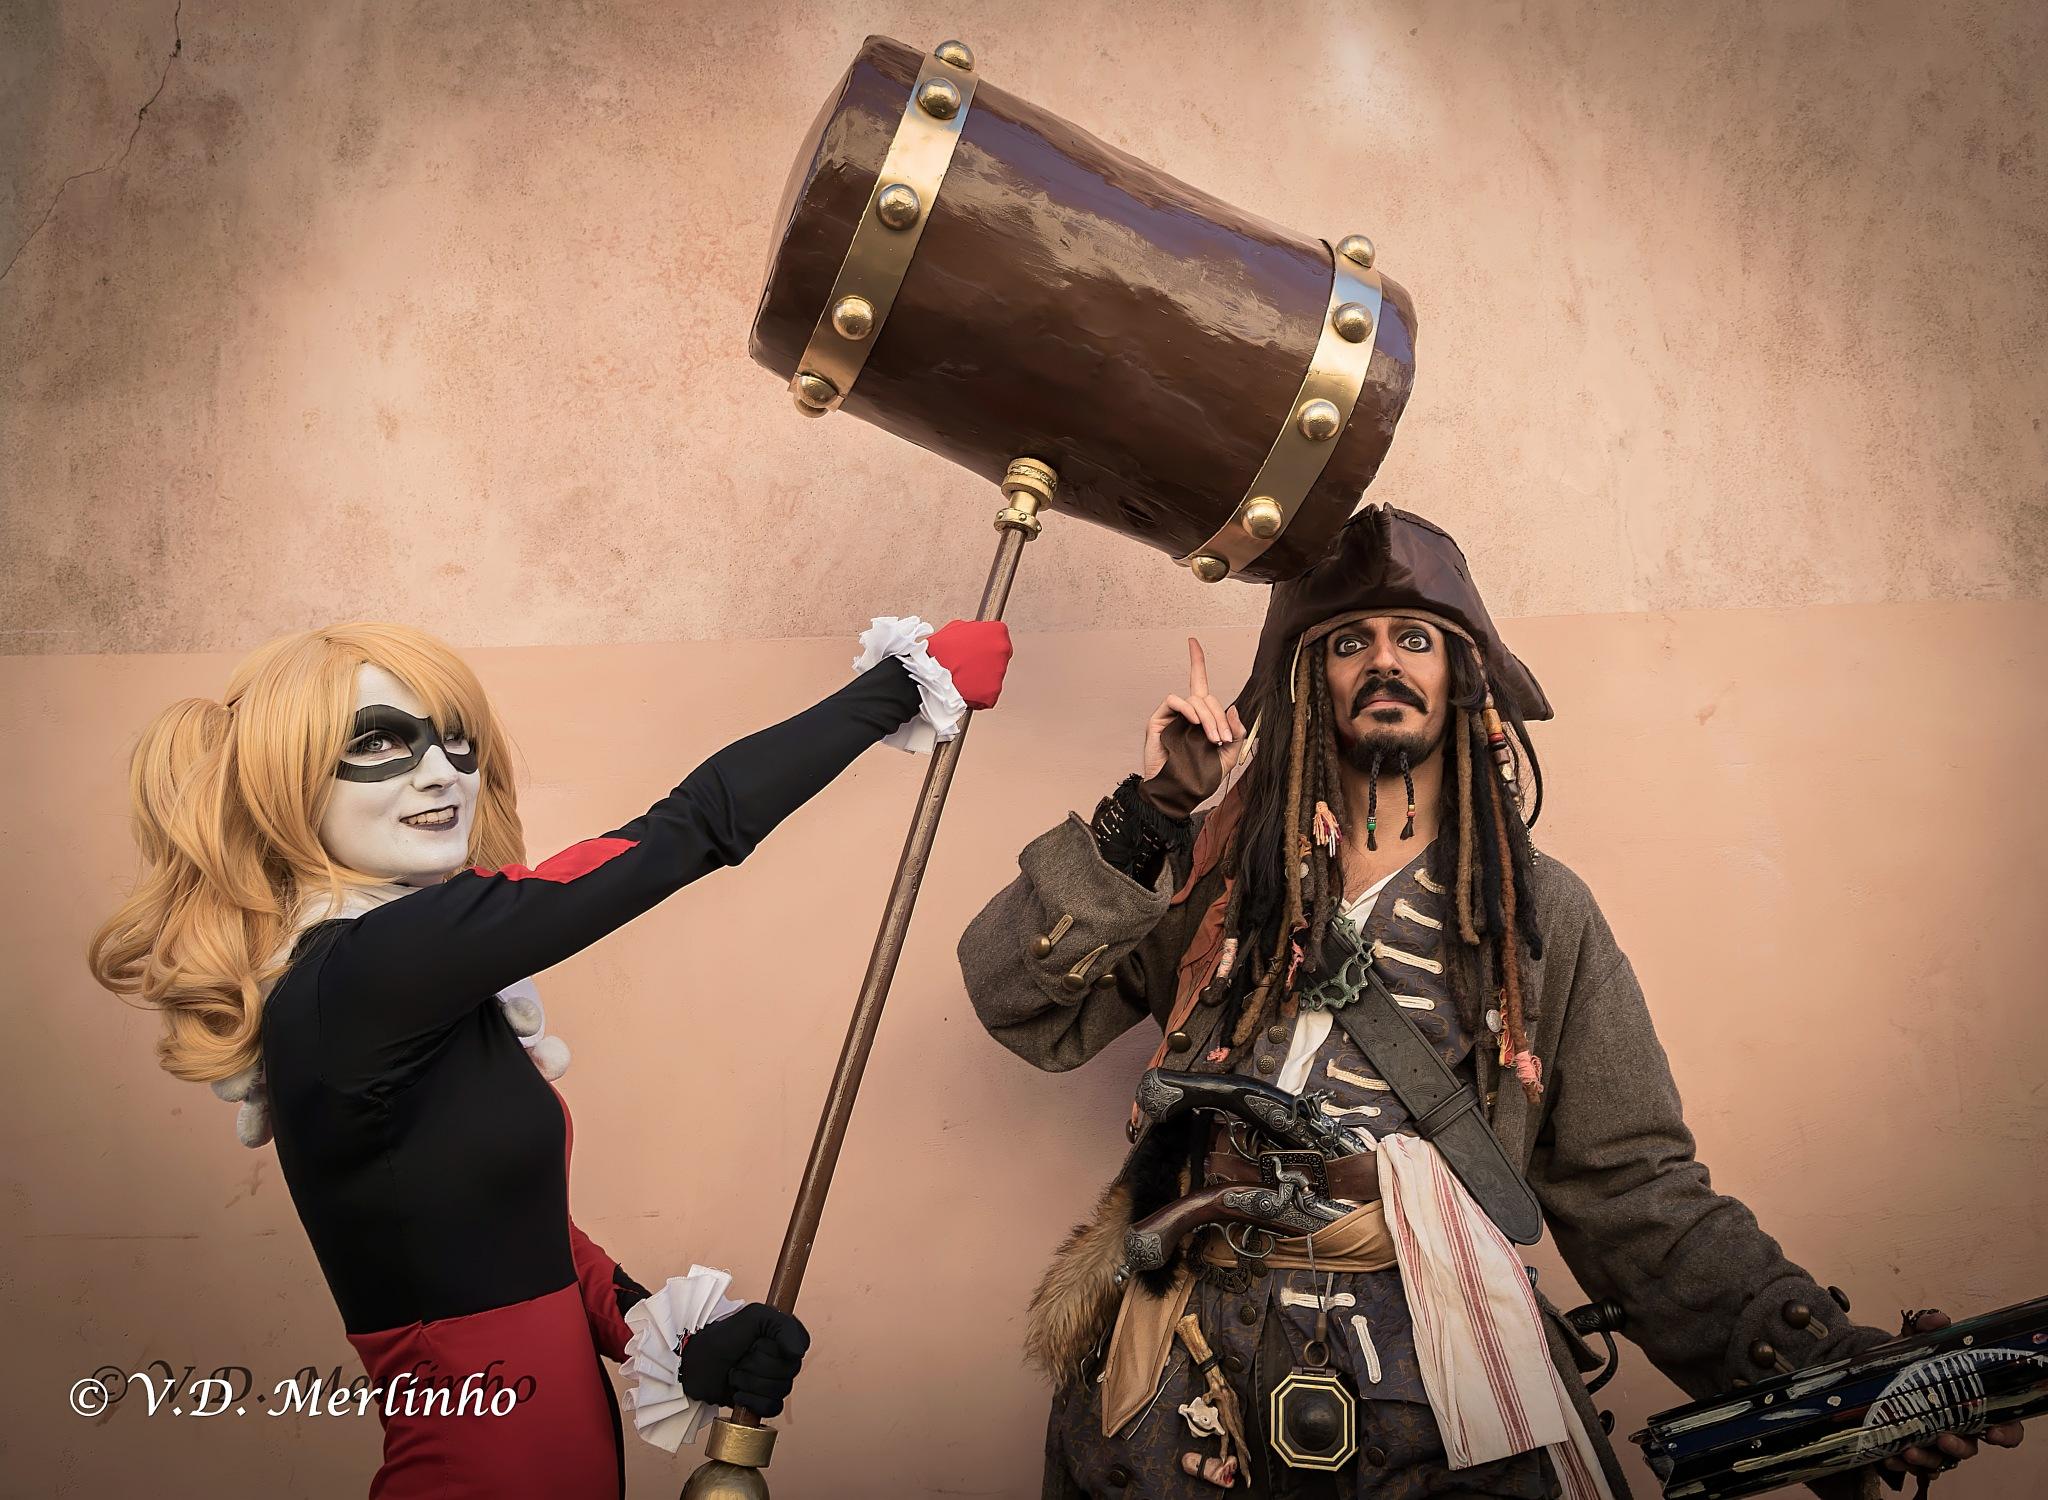 Jack Sparrow, Harley Quinn by merlinho